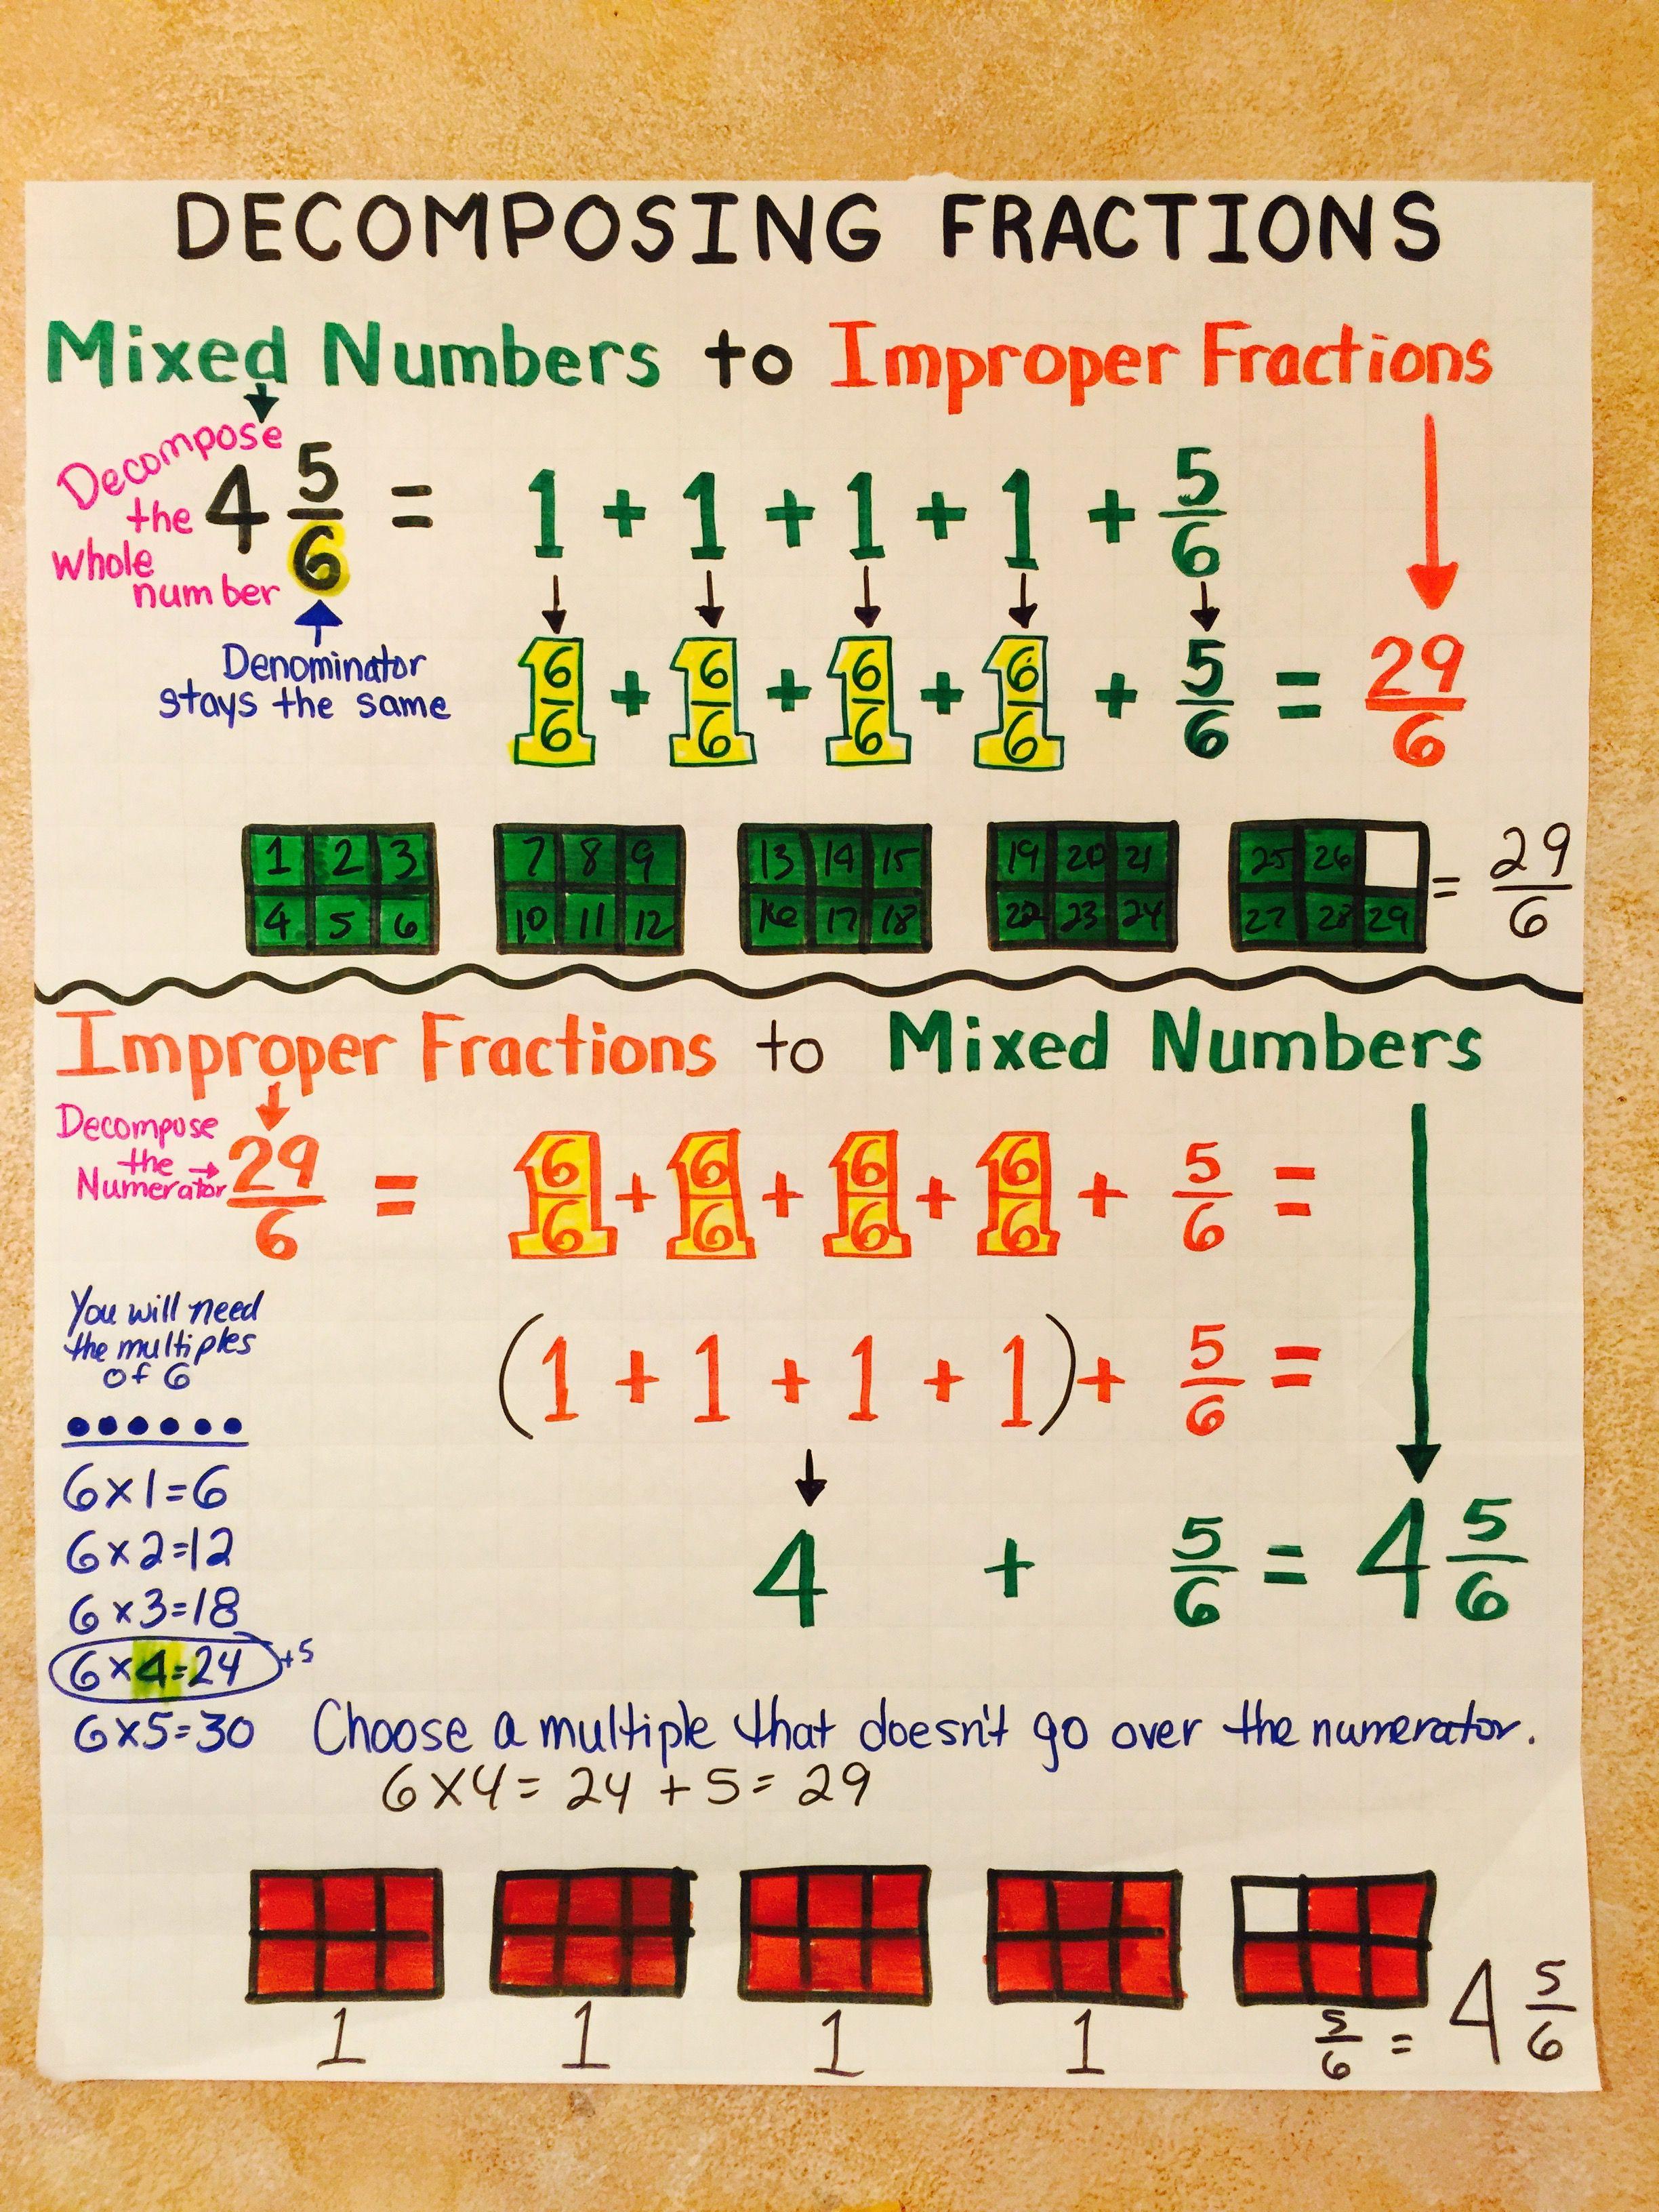 aef864d06ac4ee0b29f9ed5d48976a89  Th Grade Math Worksheets Improper Fractions on improper fractions on a number line, mixed fractions worksheets 4th grade, worksheets adding fractions 5th grade, mixed fractions worksheets 5th grade, simplify fractions worksheet 4th grade, adding fractions worksheets 7th grade, multiplying fractions worksheets 4th grade, number theory worksheets 5th grade, improper fractions 5th grade, improper fractions grade 4, equivalent fractions worksheets 7th grade, equivalent fractions for 5th grade, reducing fractions worksheets 4th grade, worksheets 3d shapes 1st grade, fraction games for 5th grade, fraction worksheets for 5th grade, fraction worksheets for first grade, multiplication with decimals 5th grade, improper fractions practice,